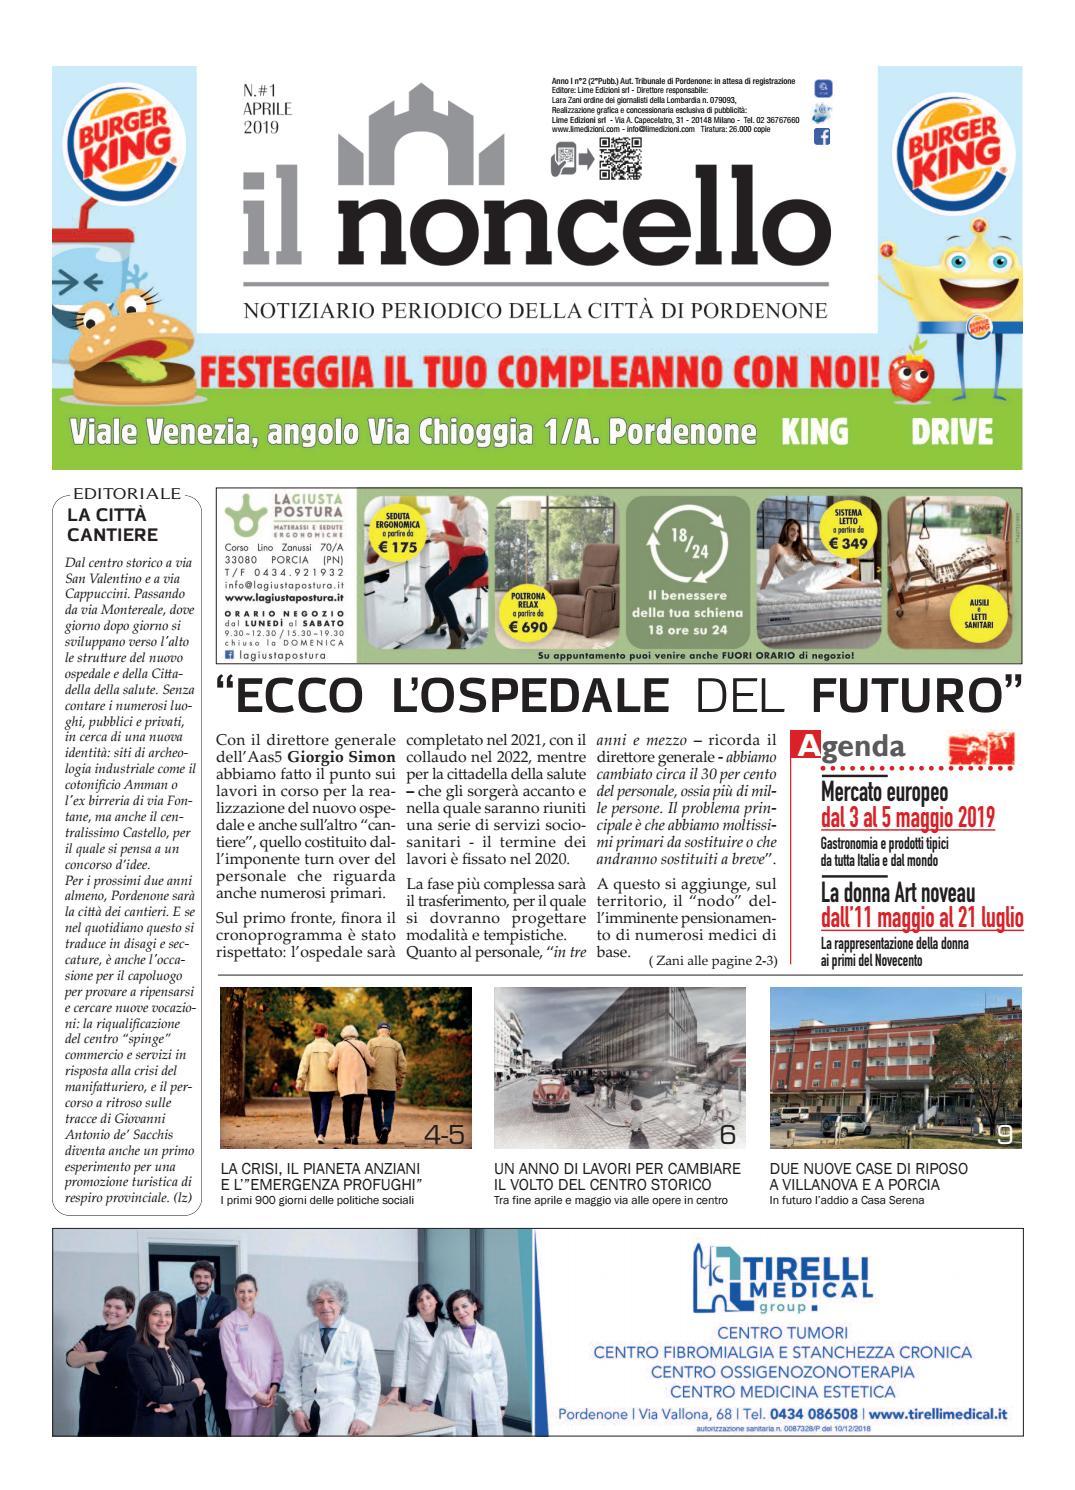 Ilnoncello Notiziario Di Pordenone Aprile 2019 By Lime Edizioni Milano Issuu